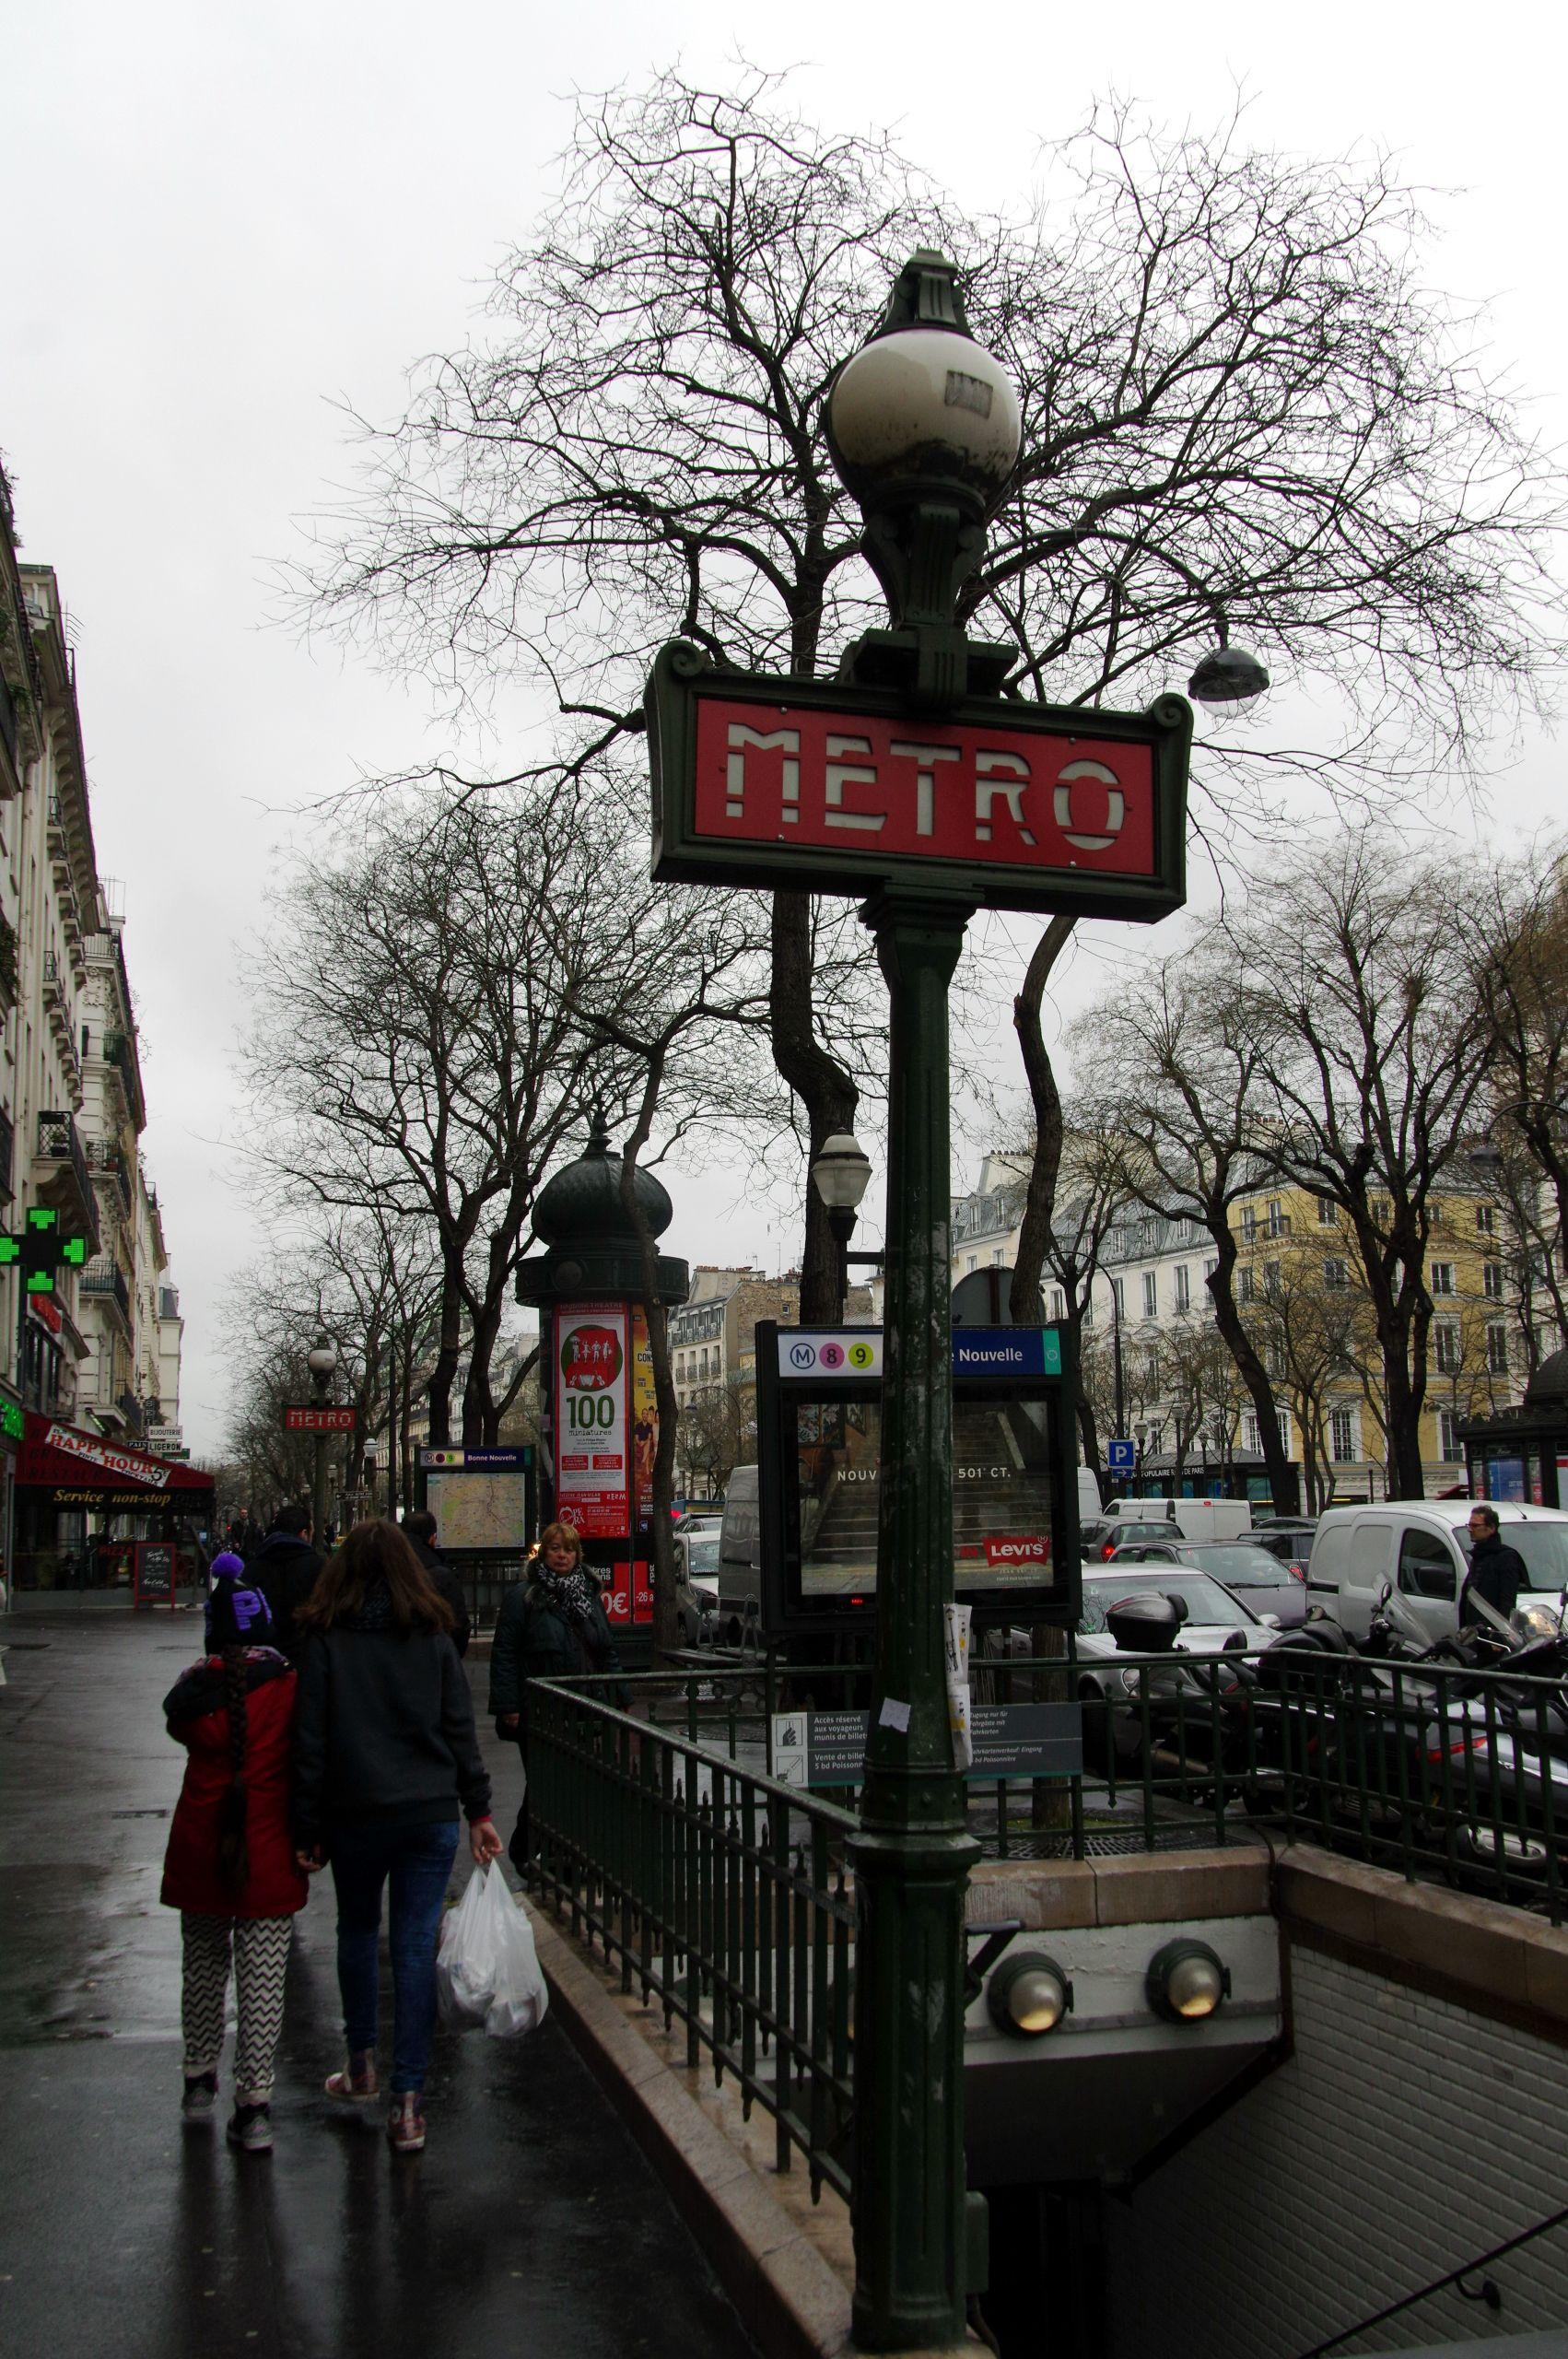 Bonne Nouvelle Paris Metro April 2015